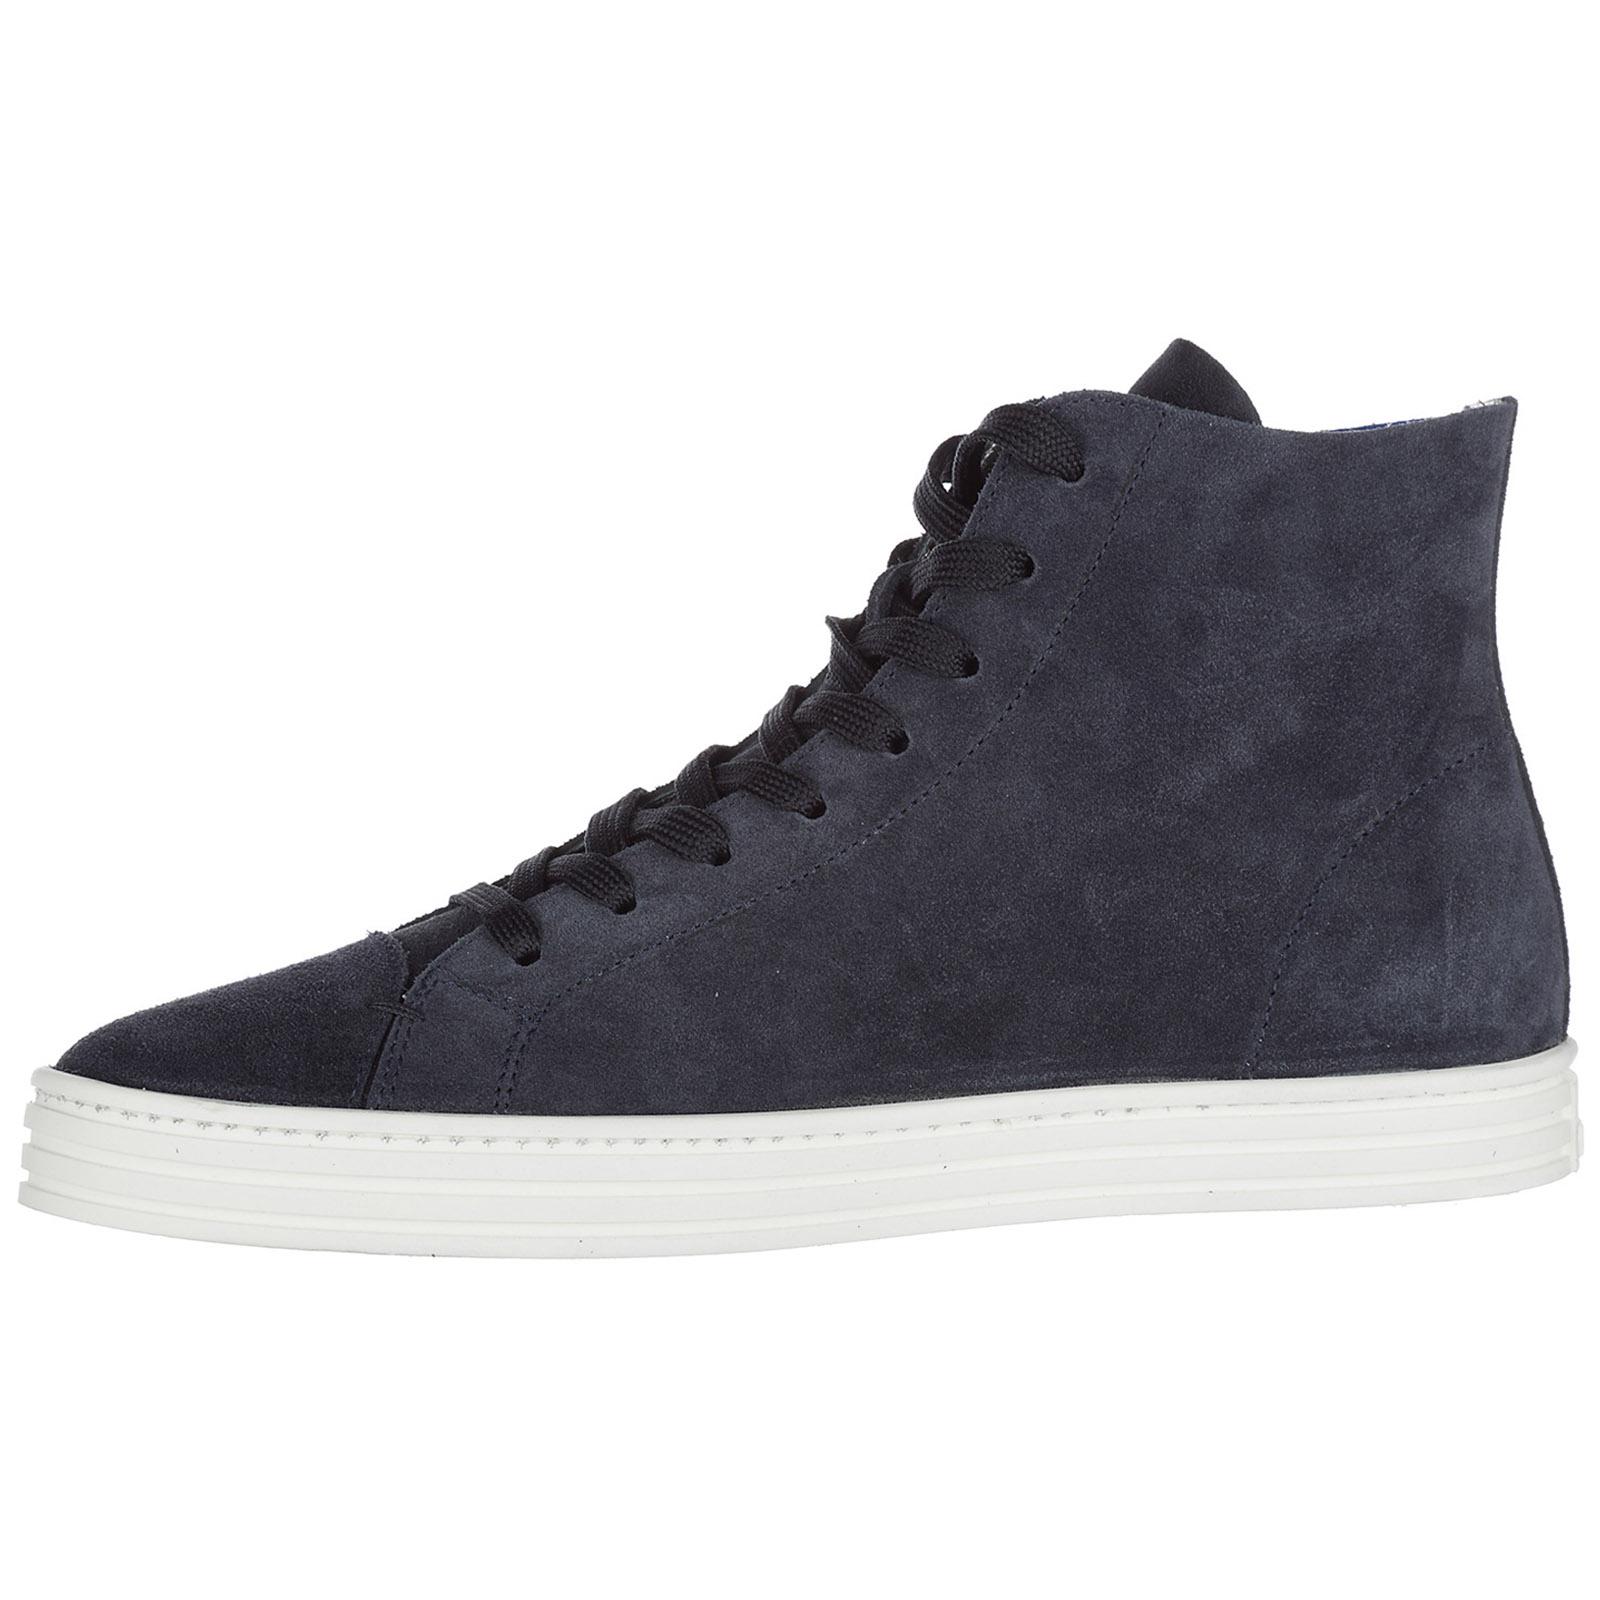 Sneakers alte Hogan Rebel R141 HXM1410X730FFY090S blu  f869c545288